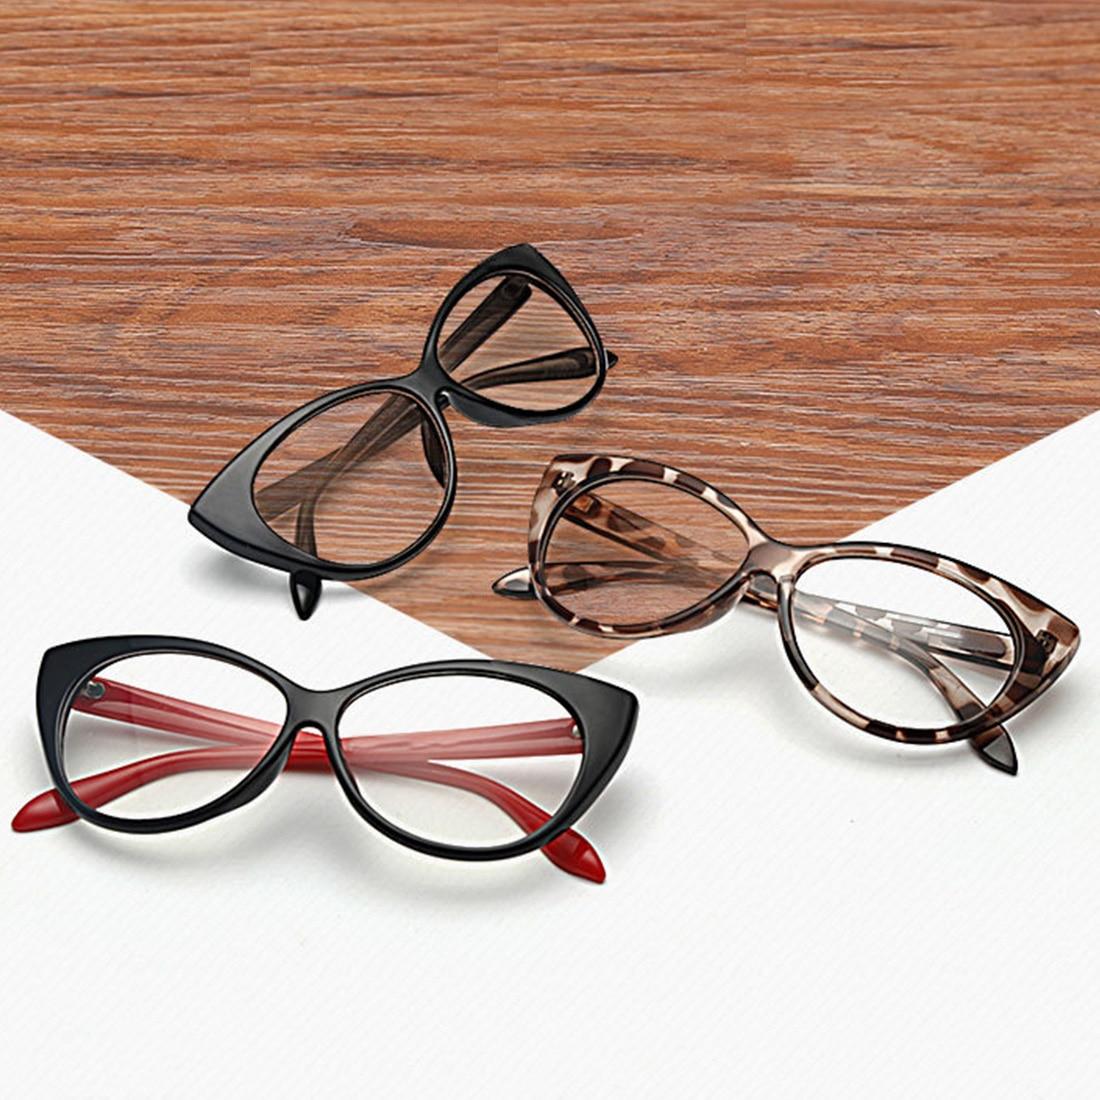 Online-Shop Top Verkaufen Moderne Elegante Katze Augen Form Gläser ...